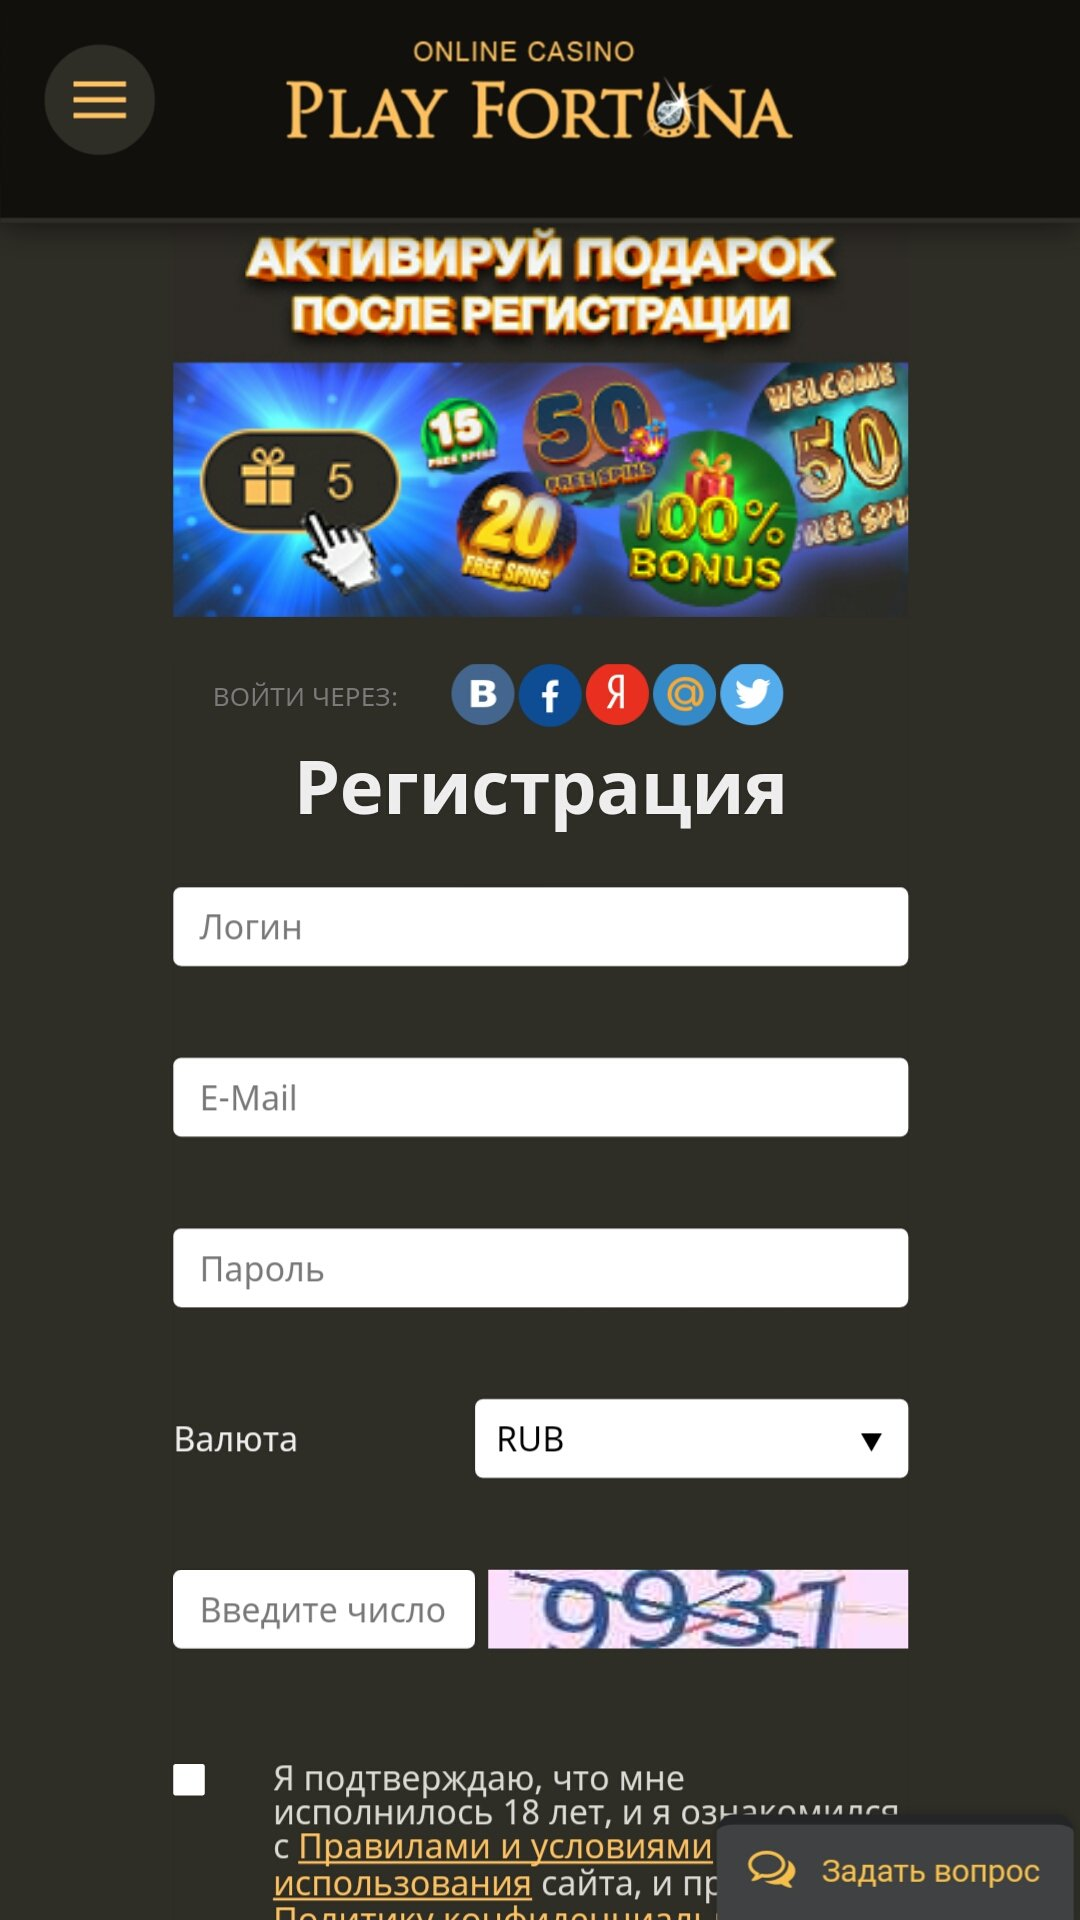 официальный сайт скачать казино плей фортуна на андроид